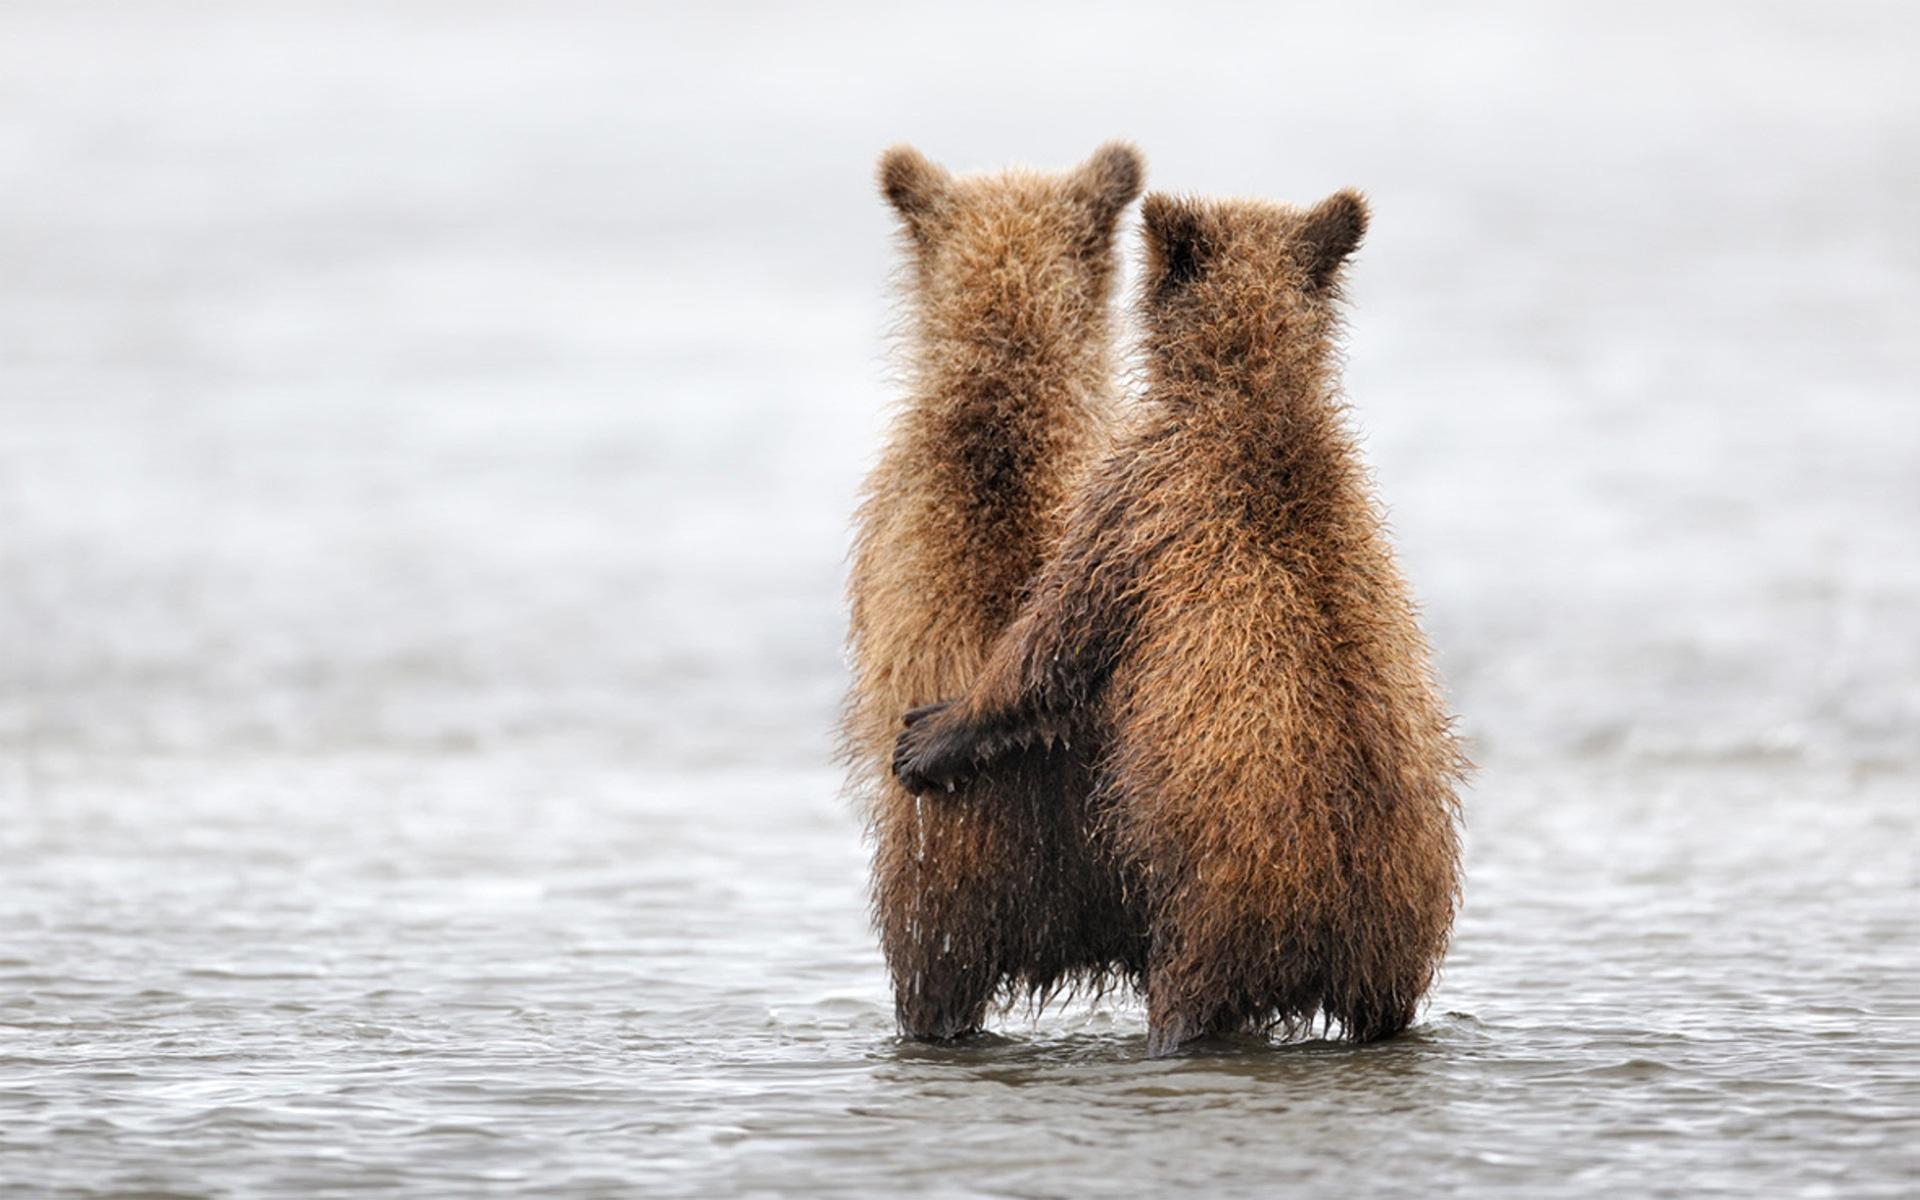 Deux ours mignon fonds d écran 1920x1200 description deux ours mignon